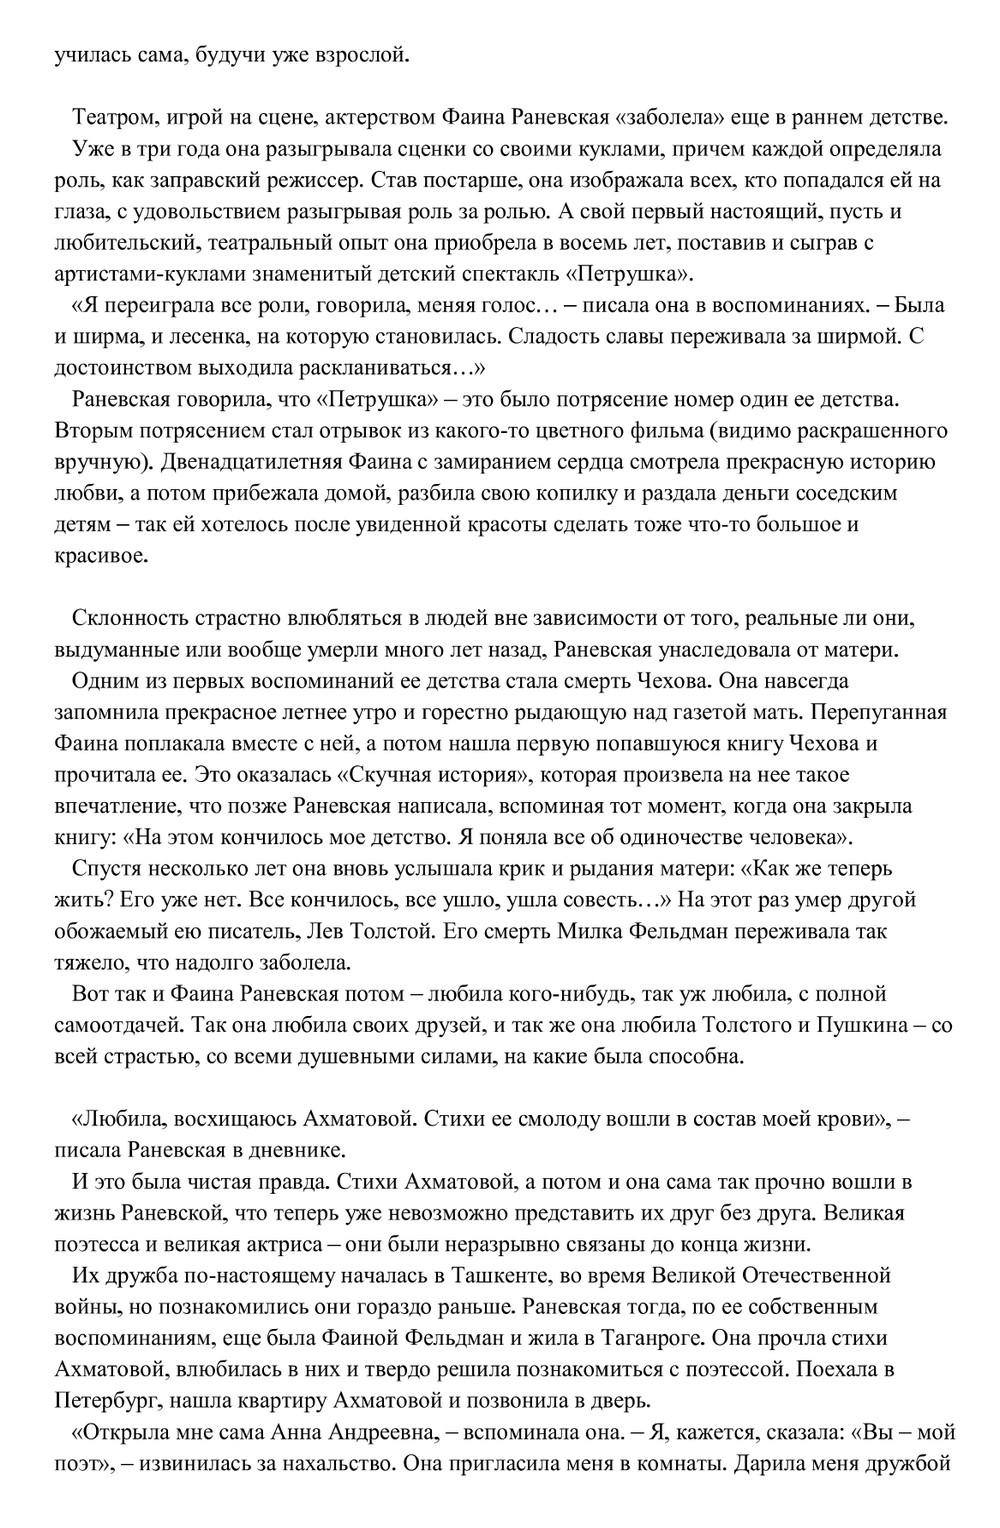 http://i1.imageban.ru/out/2014/01/07/c32ecd0e8a2341c41a1fdd6dae4b2b77.jpg